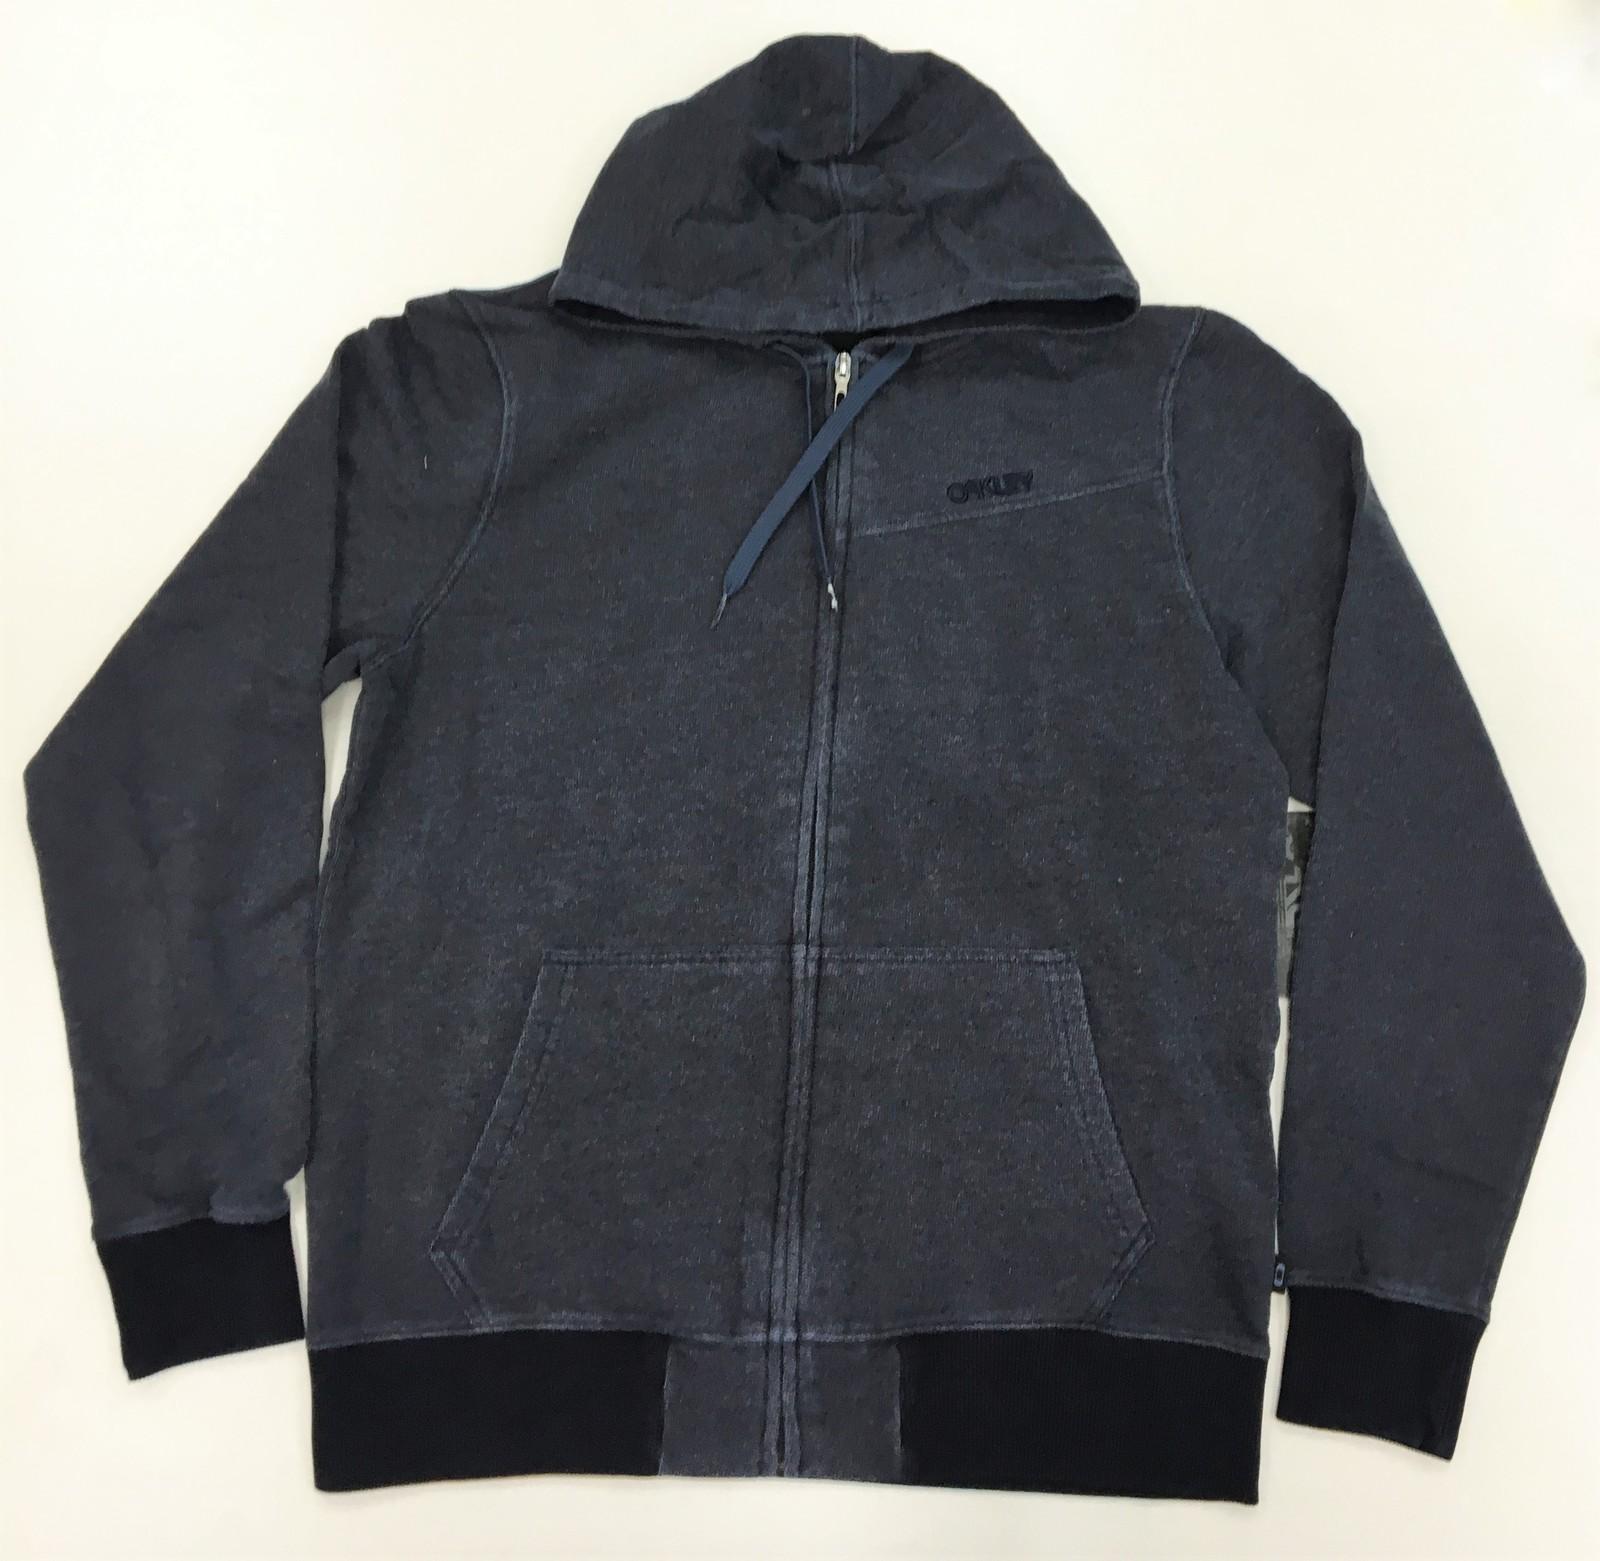 Converge hoodie